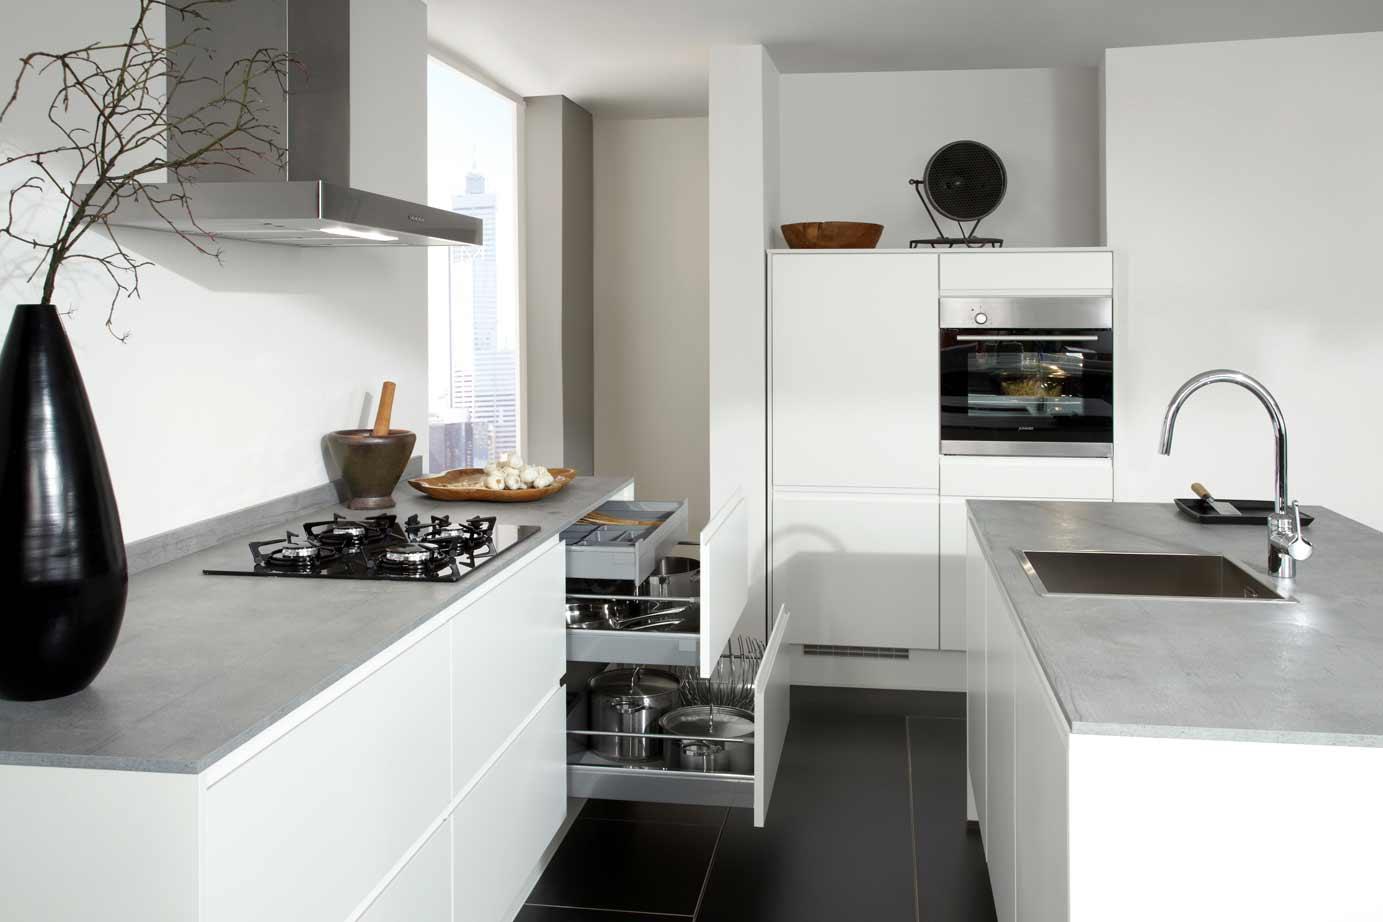 Home Center Keuken Ontwerpen : Keukenontwerpen alles wat u moet weten over verschillende